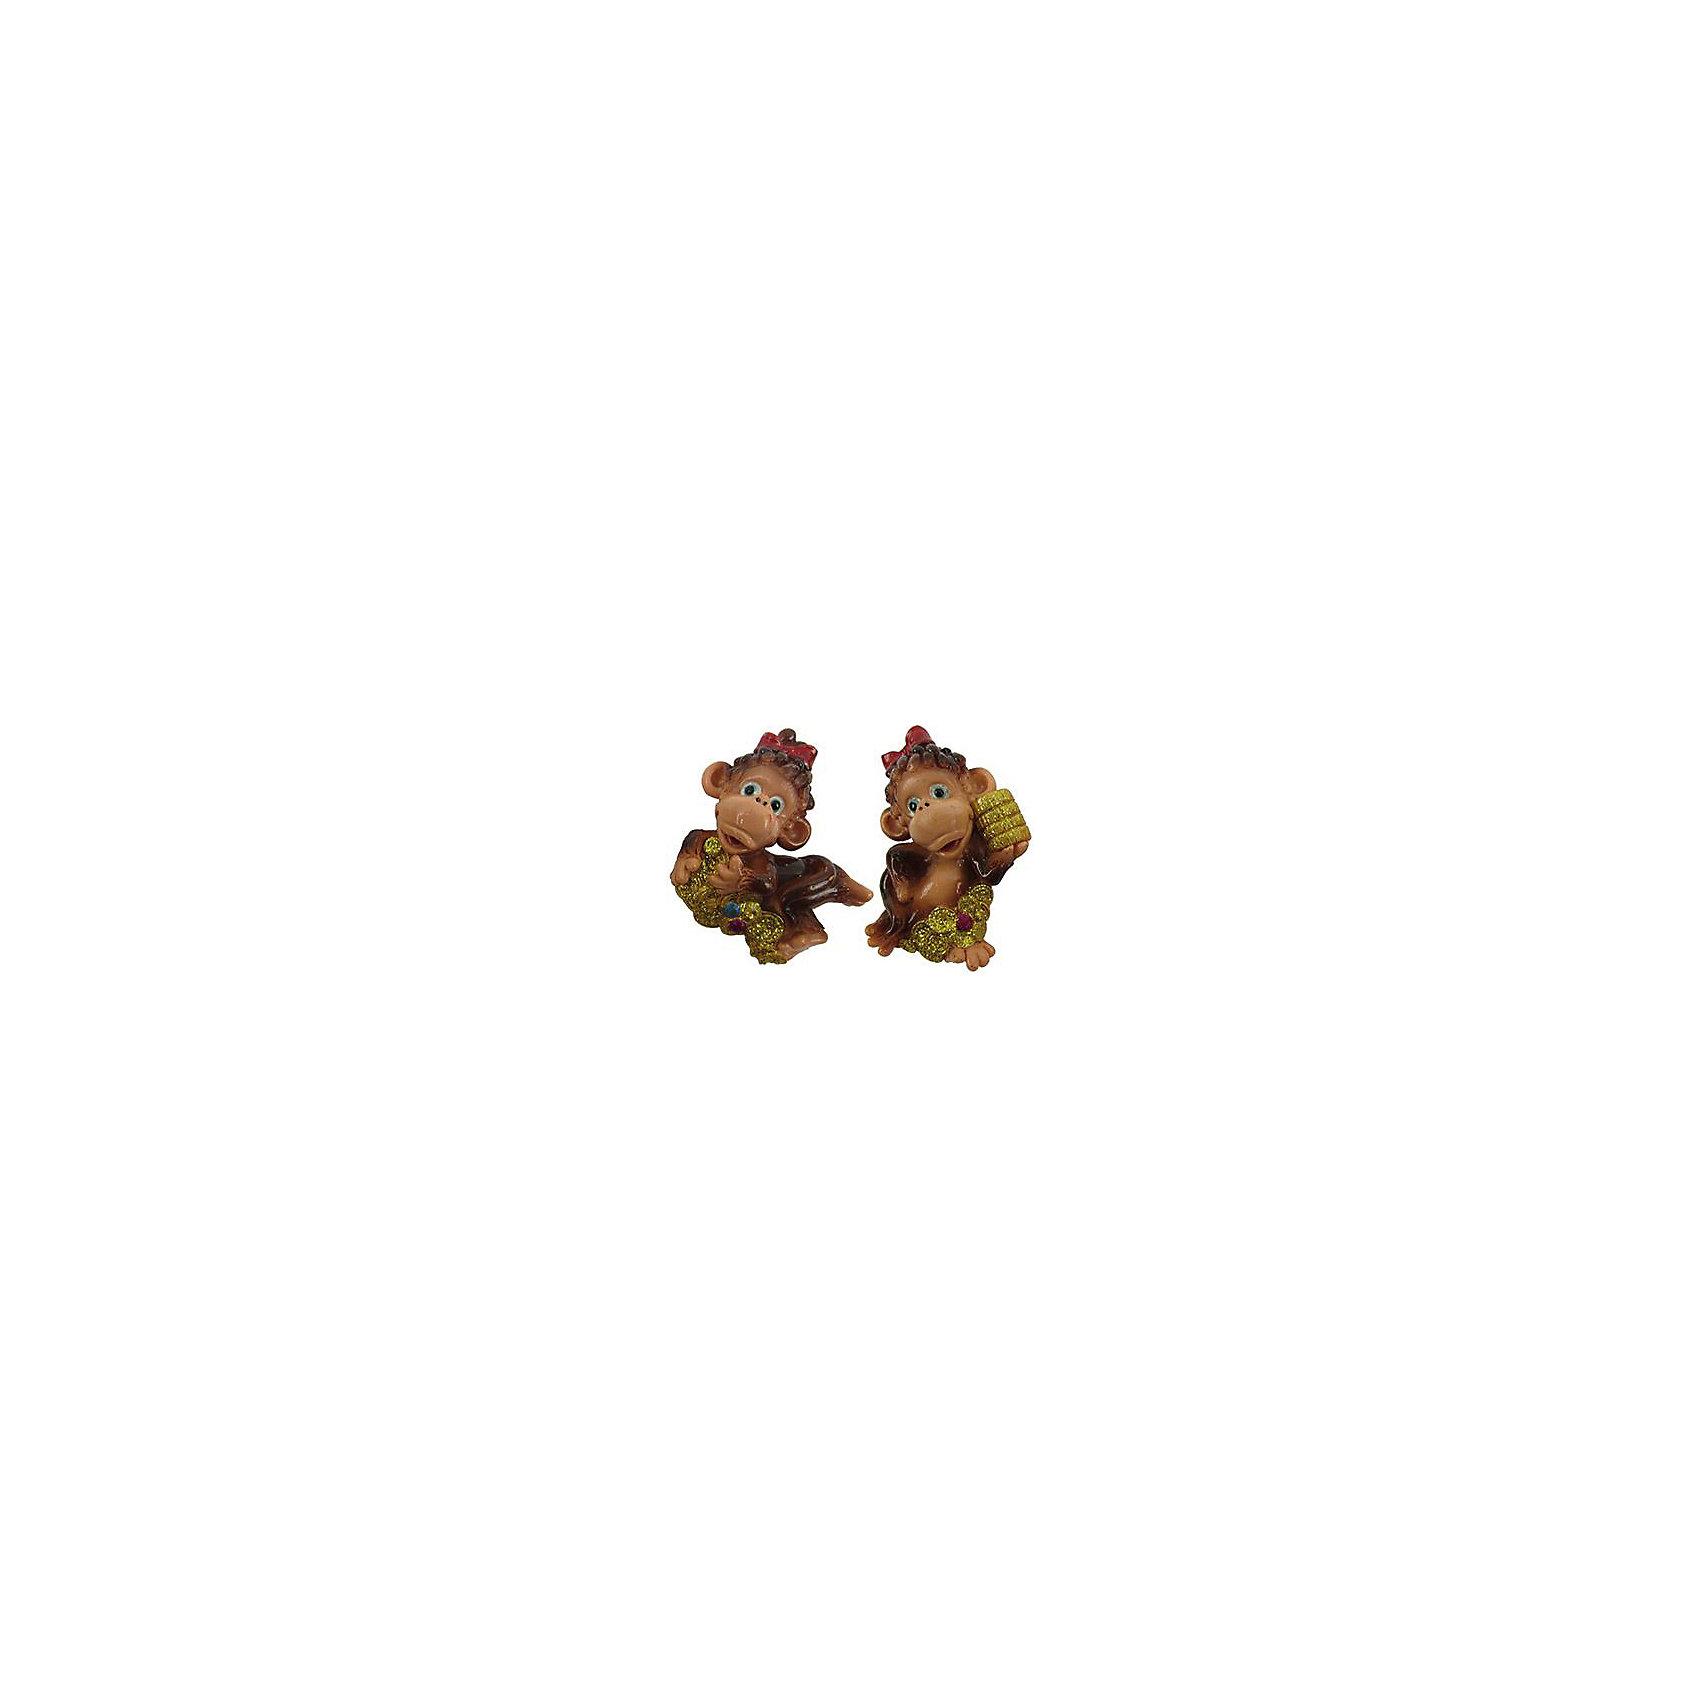 Магнит Обезьянка МариВсё для праздника<br>Магнит Обезьянка Мари – это замечательный и актуальный новогодний подарок для всех!<br>Магнит Обезьянка Мари станет отличным презентом коллеге и другу, а также прекрасным украшением любой плоской металлической поверхности в доме. Обезьянка - символ года-2016 принесет Вам удачу и поднимет настроение. А эта обезьянка будет еще и притягивать деньги и принесет материальный достаток в Ваш дом.<br><br>Дополнительная информация:<br><br>- В ассортименте 2 вида<br>- Размер: 6,5 см.<br>- Материал: полистоун<br>- ВНИМАНИЕ! Данный артикул представлен в разных вариантах исполнения. К сожалению, заранее выбрать определенный вариант невозможно. При заказе нескольких магнитов возможно получение одинаковых<br><br>Магнит Обезьянка Мари можно купить в нашем интернет-магазине.<br><br>Ширина мм: 55<br>Глубина мм: 10<br>Высота мм: 65<br>Вес г: 667<br>Возраст от месяцев: 36<br>Возраст до месяцев: 2147483647<br>Пол: Унисекс<br>Возраст: Детский<br>SKU: 4418949